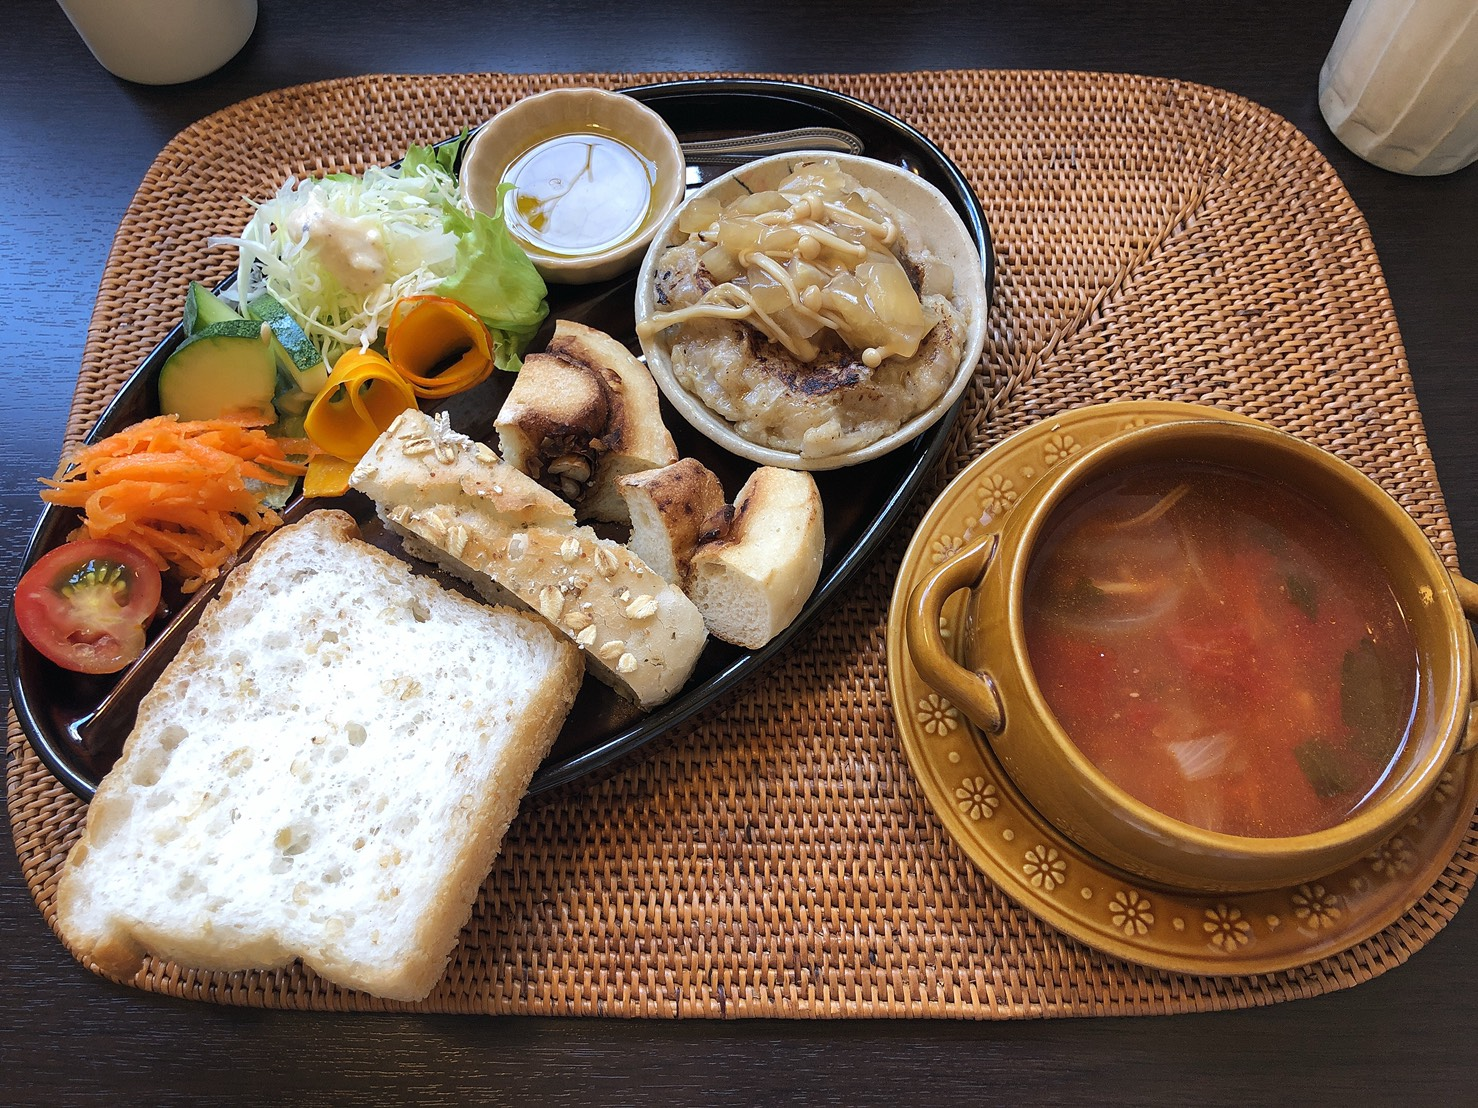 高岳|米粉100%!もっちりな食感が楽しめる米粉パンが人気のかわいいベーカリーカフェ